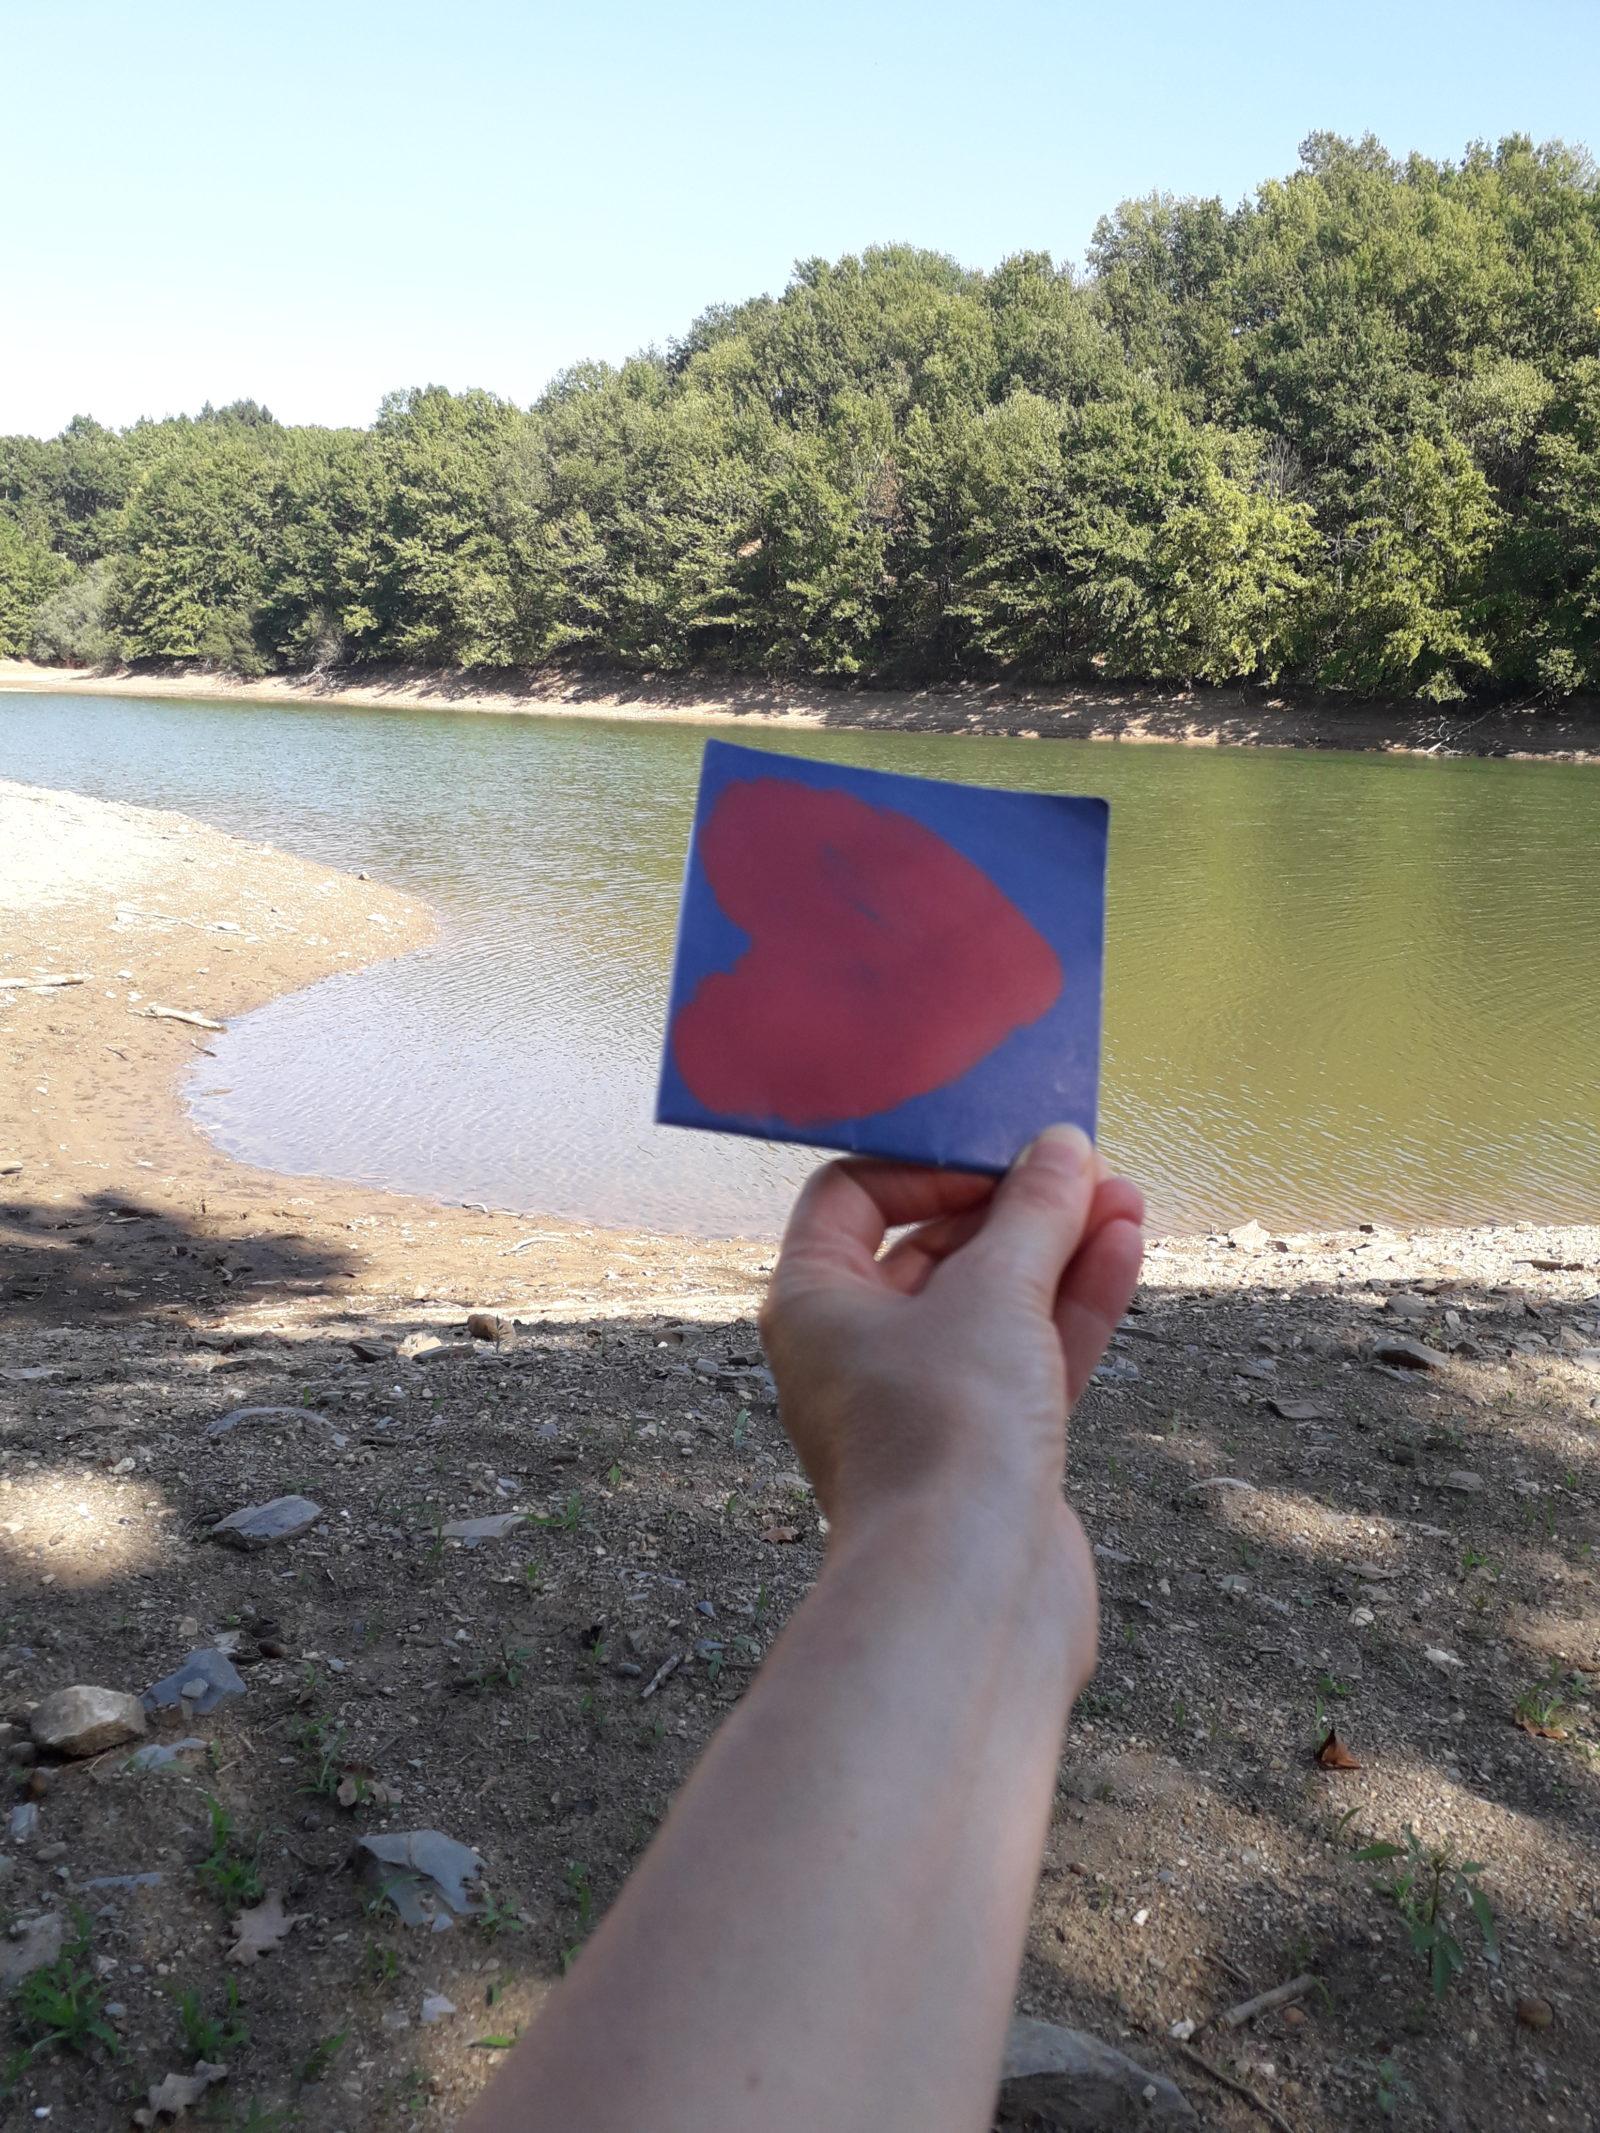 Pareidolie un coeur sur les rives d'un lac